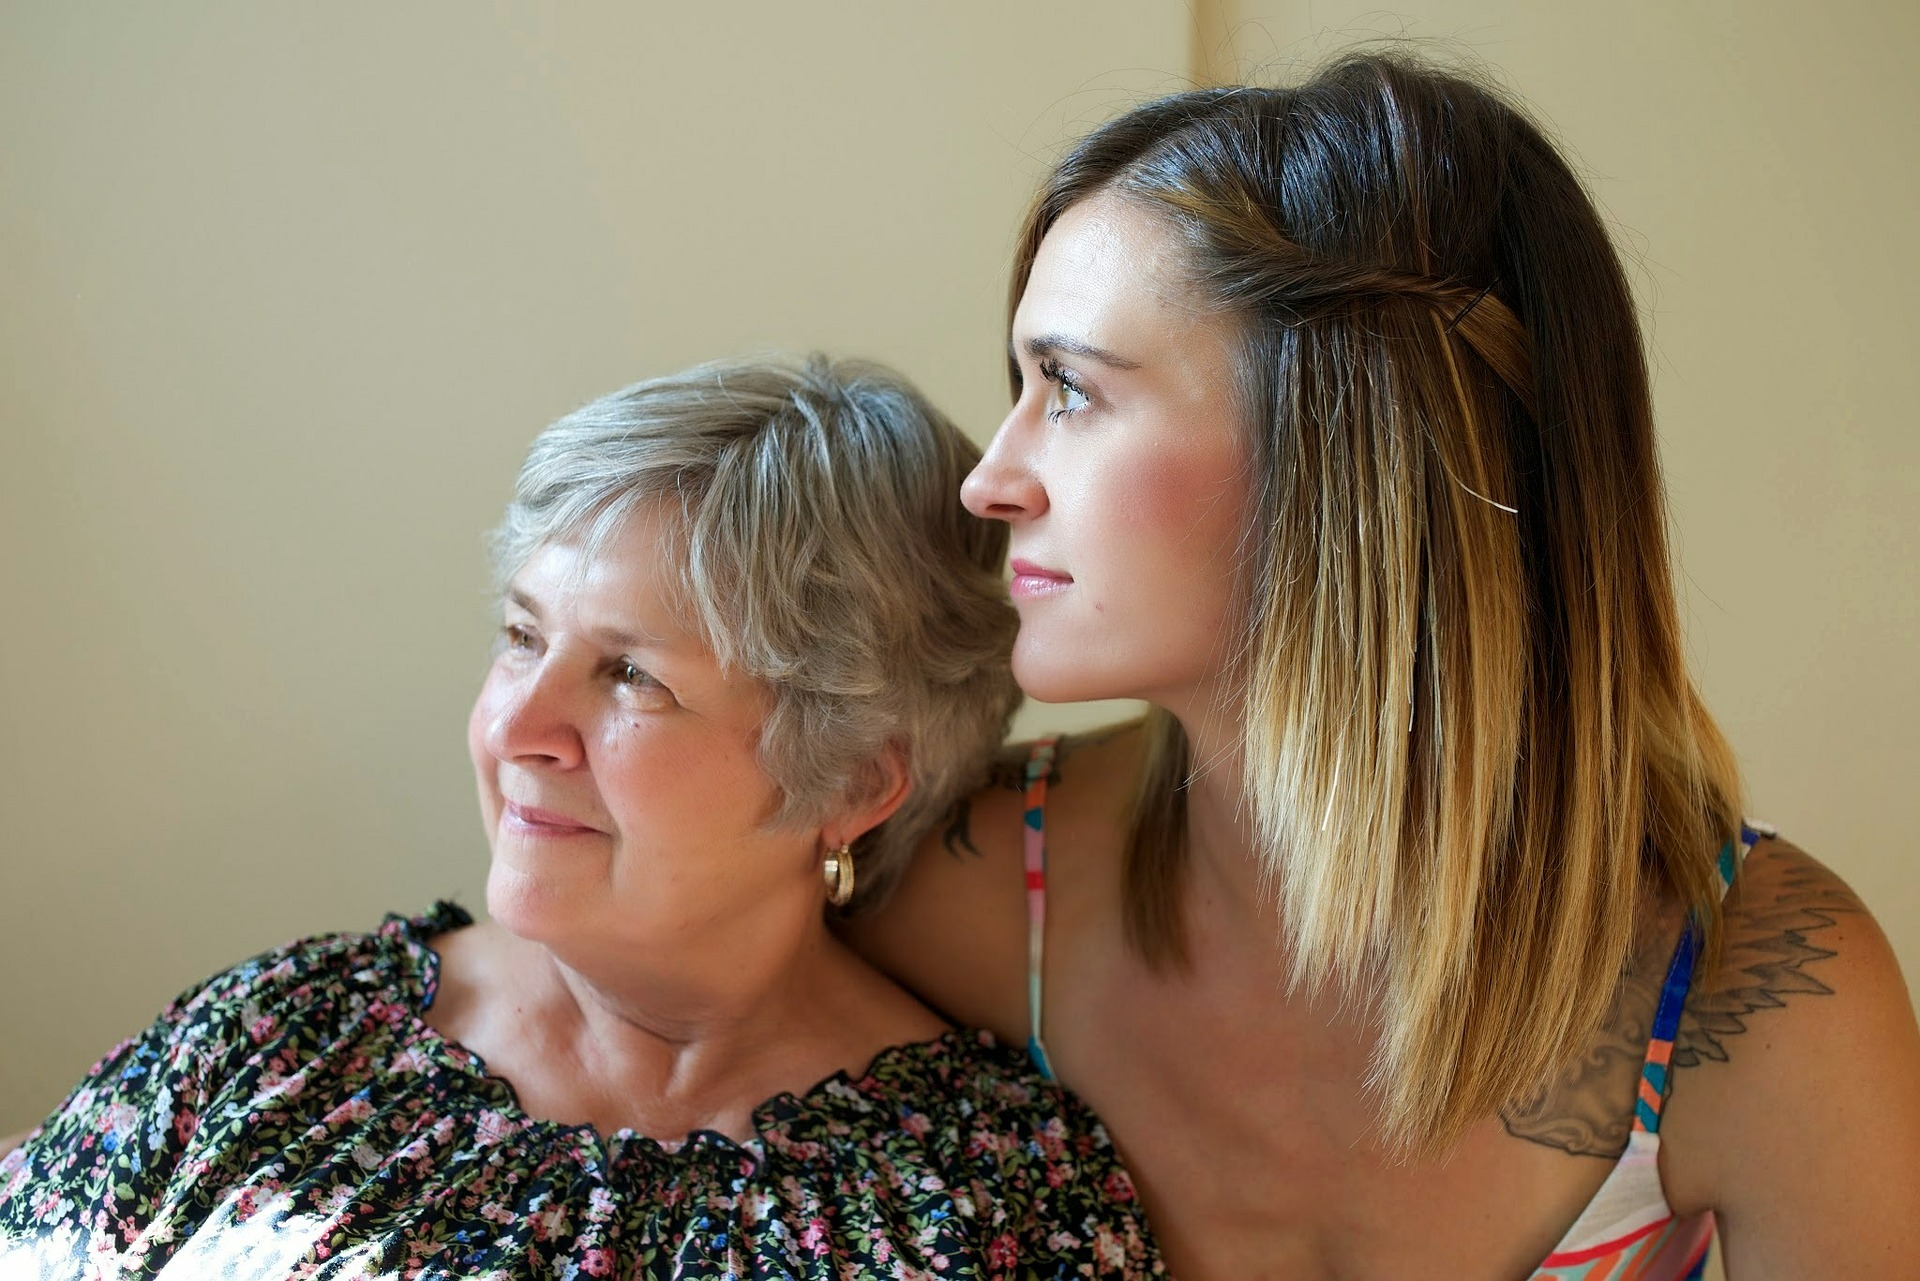 отношения между матерью и взрослой дочерью